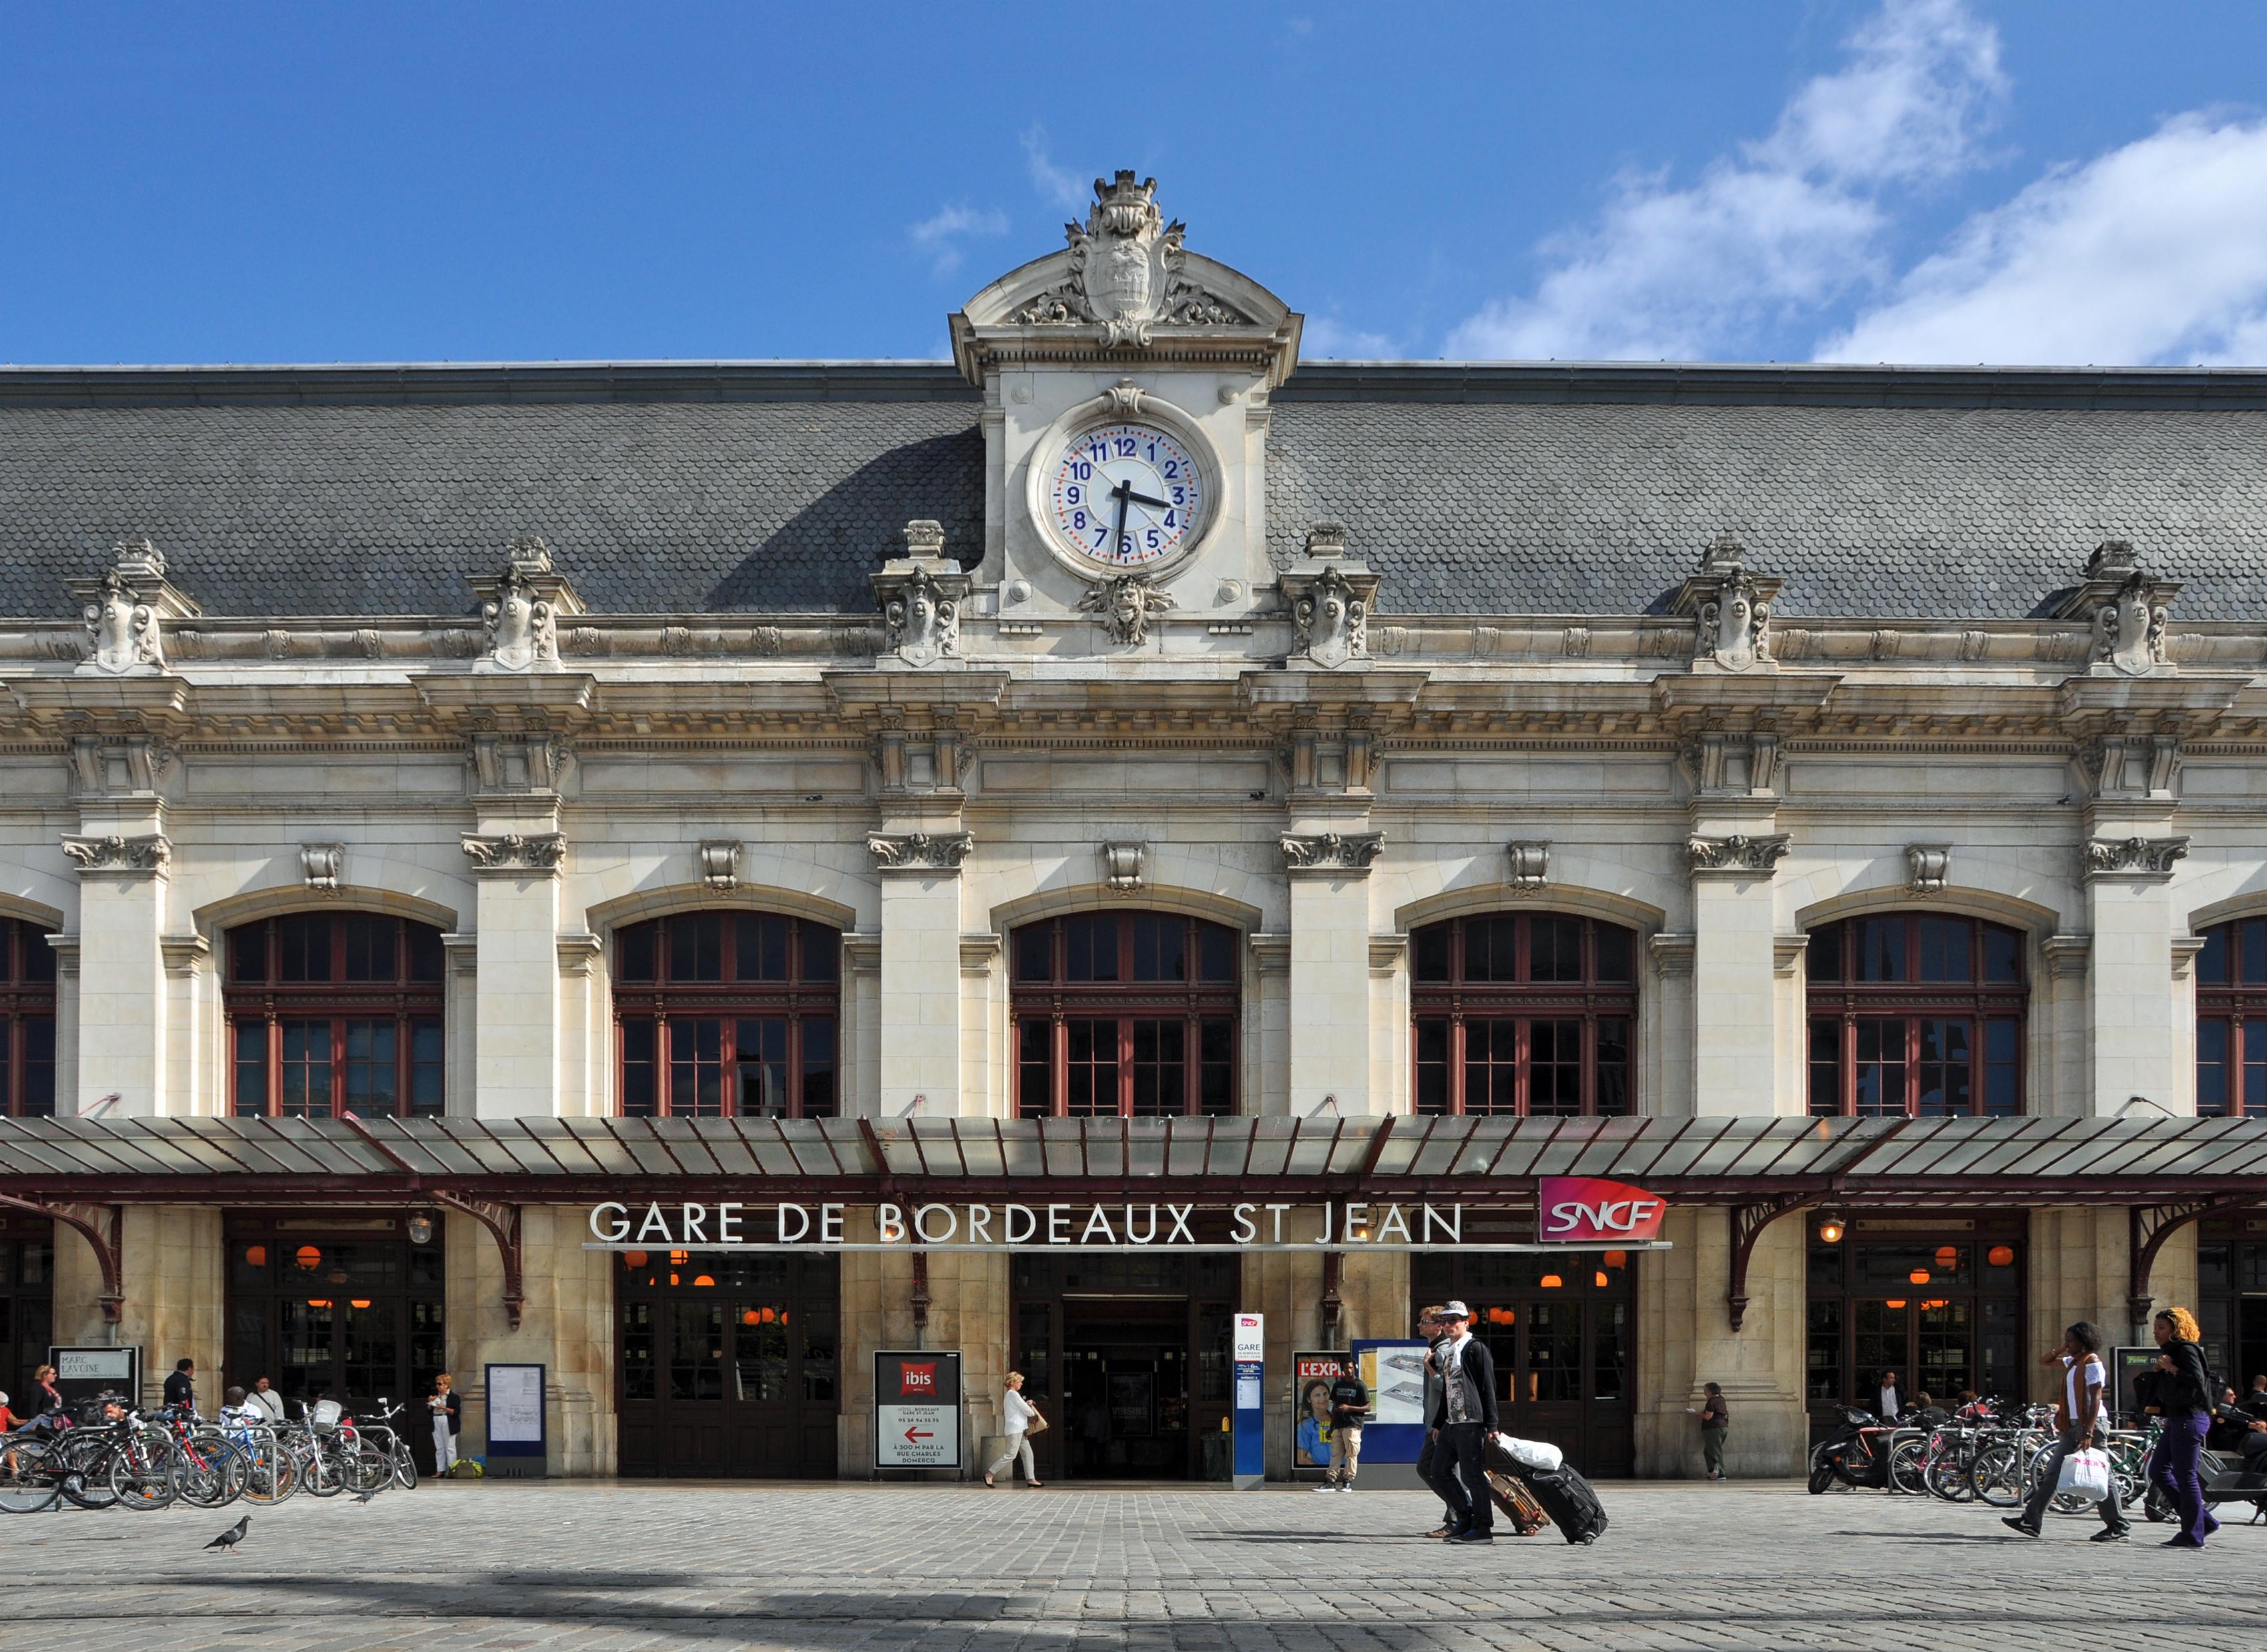 La gare de Bordeaux Saint-Jean (photo de Marc Ryckaert sous licence CC-by-SA 3.0 affichée depuis Wikimedia)